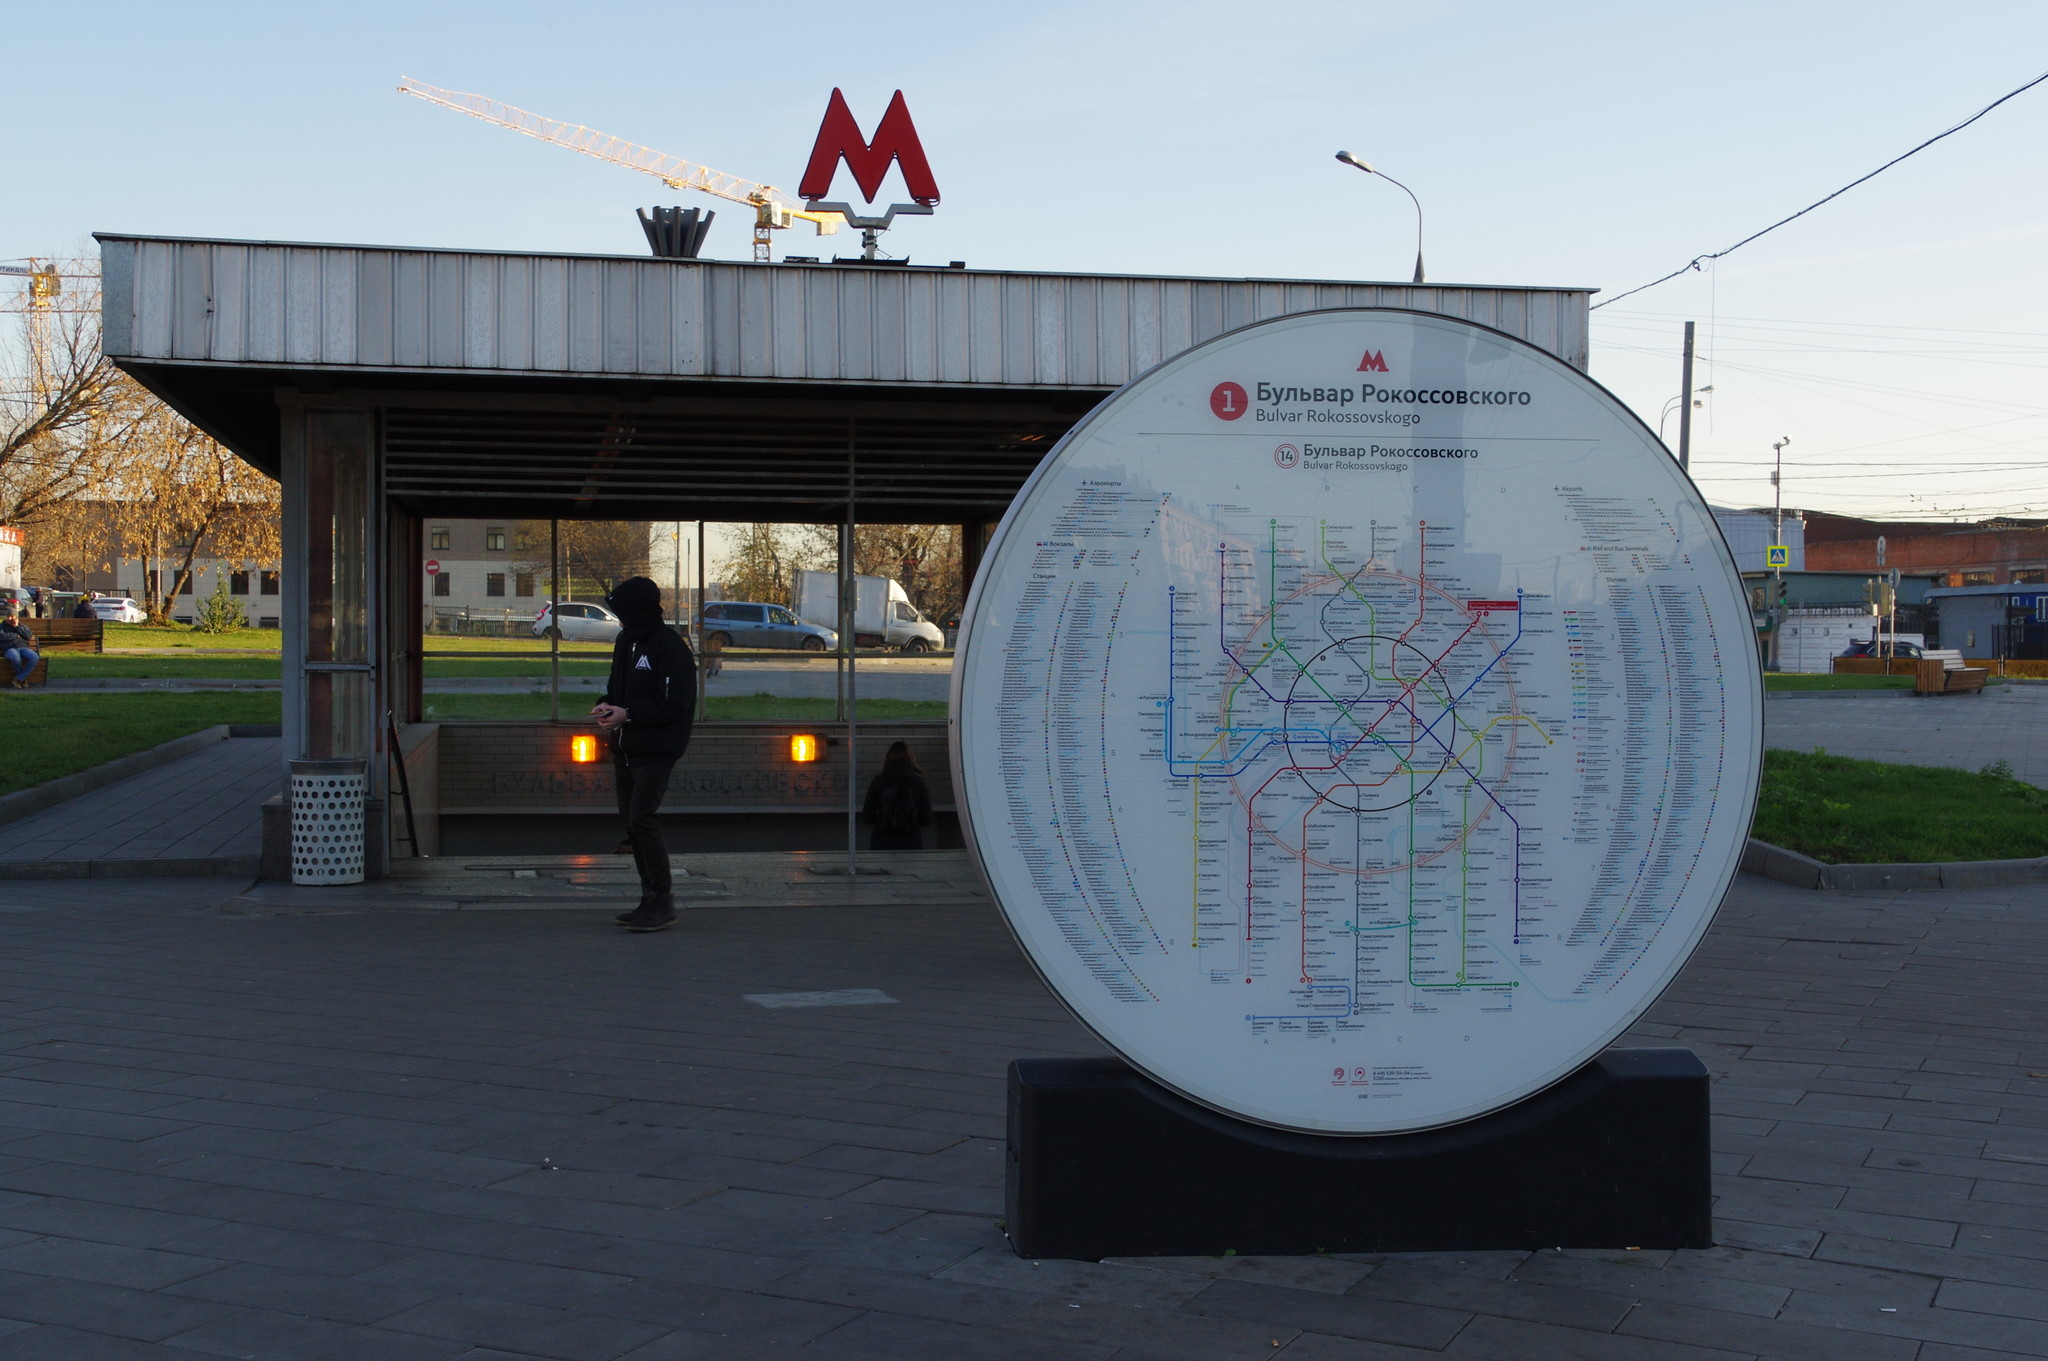 Станция «Бульвар Рокоссовского» Сокольнической линии Московского метрополитена